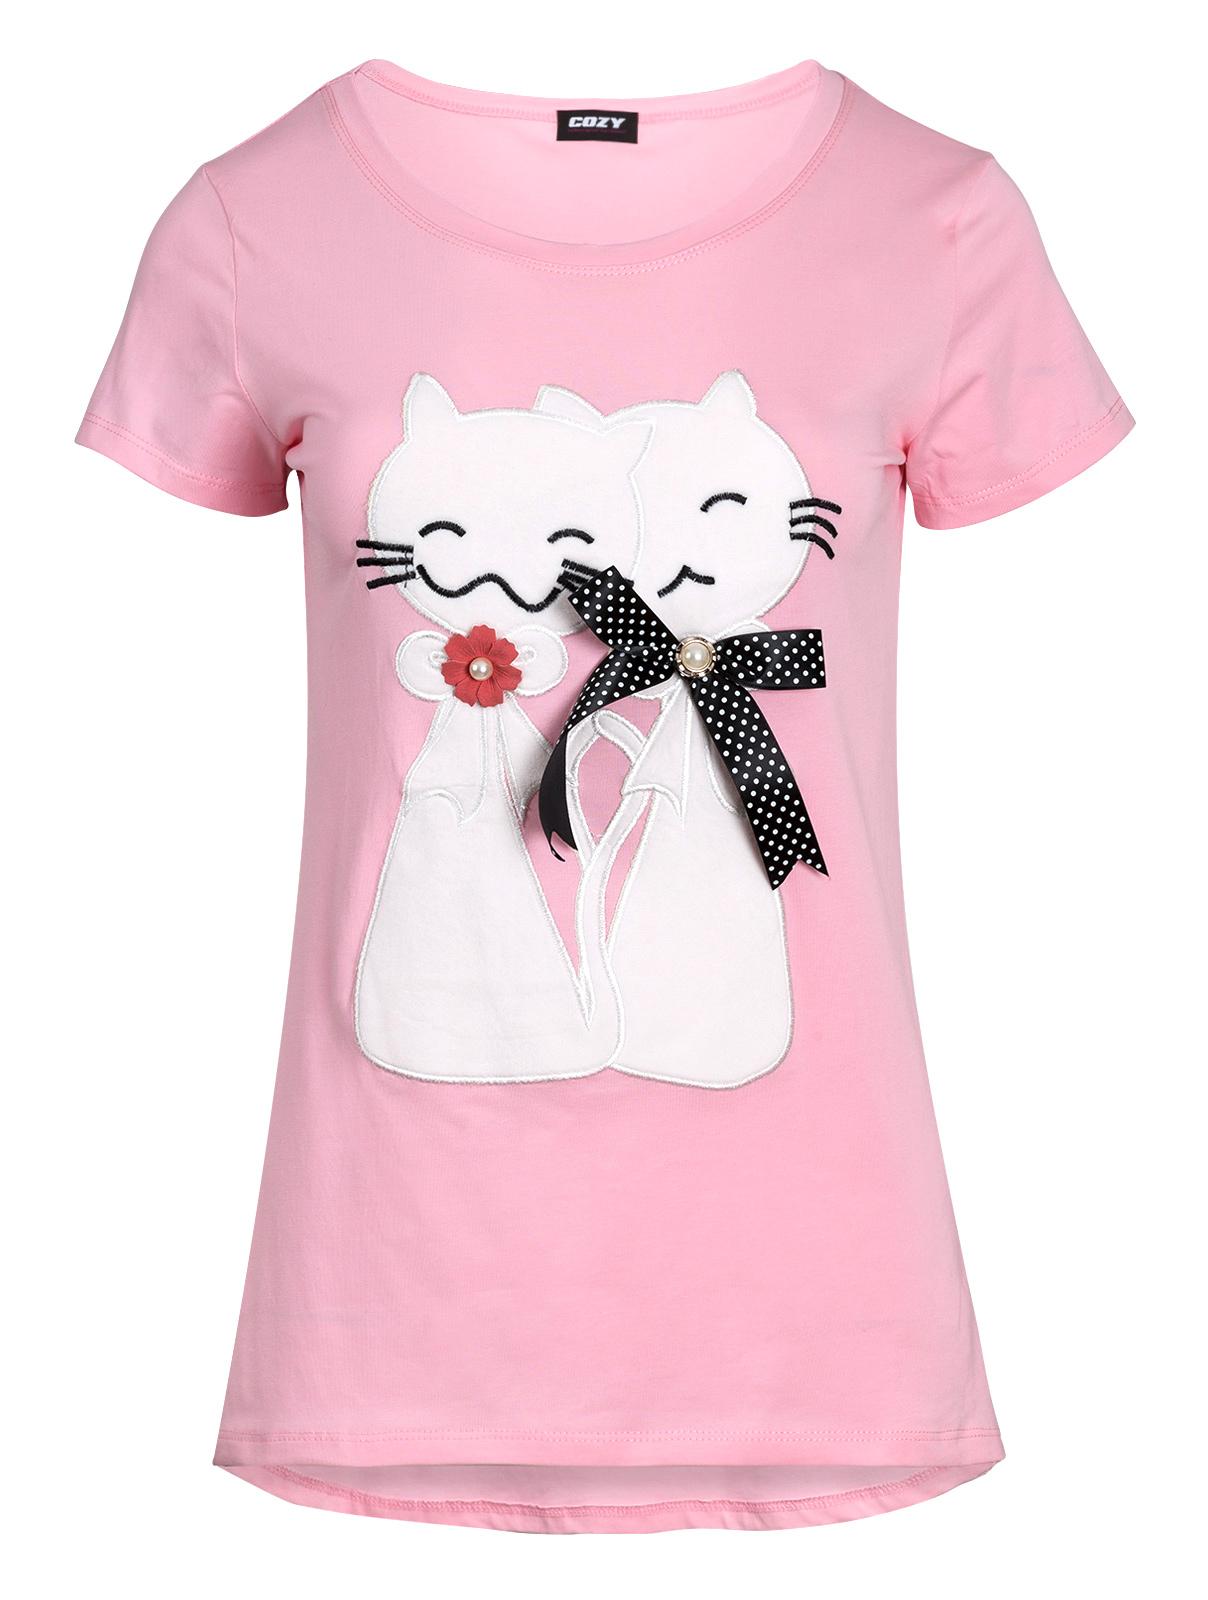 Μπλούζα με Απλικέ Γάτες